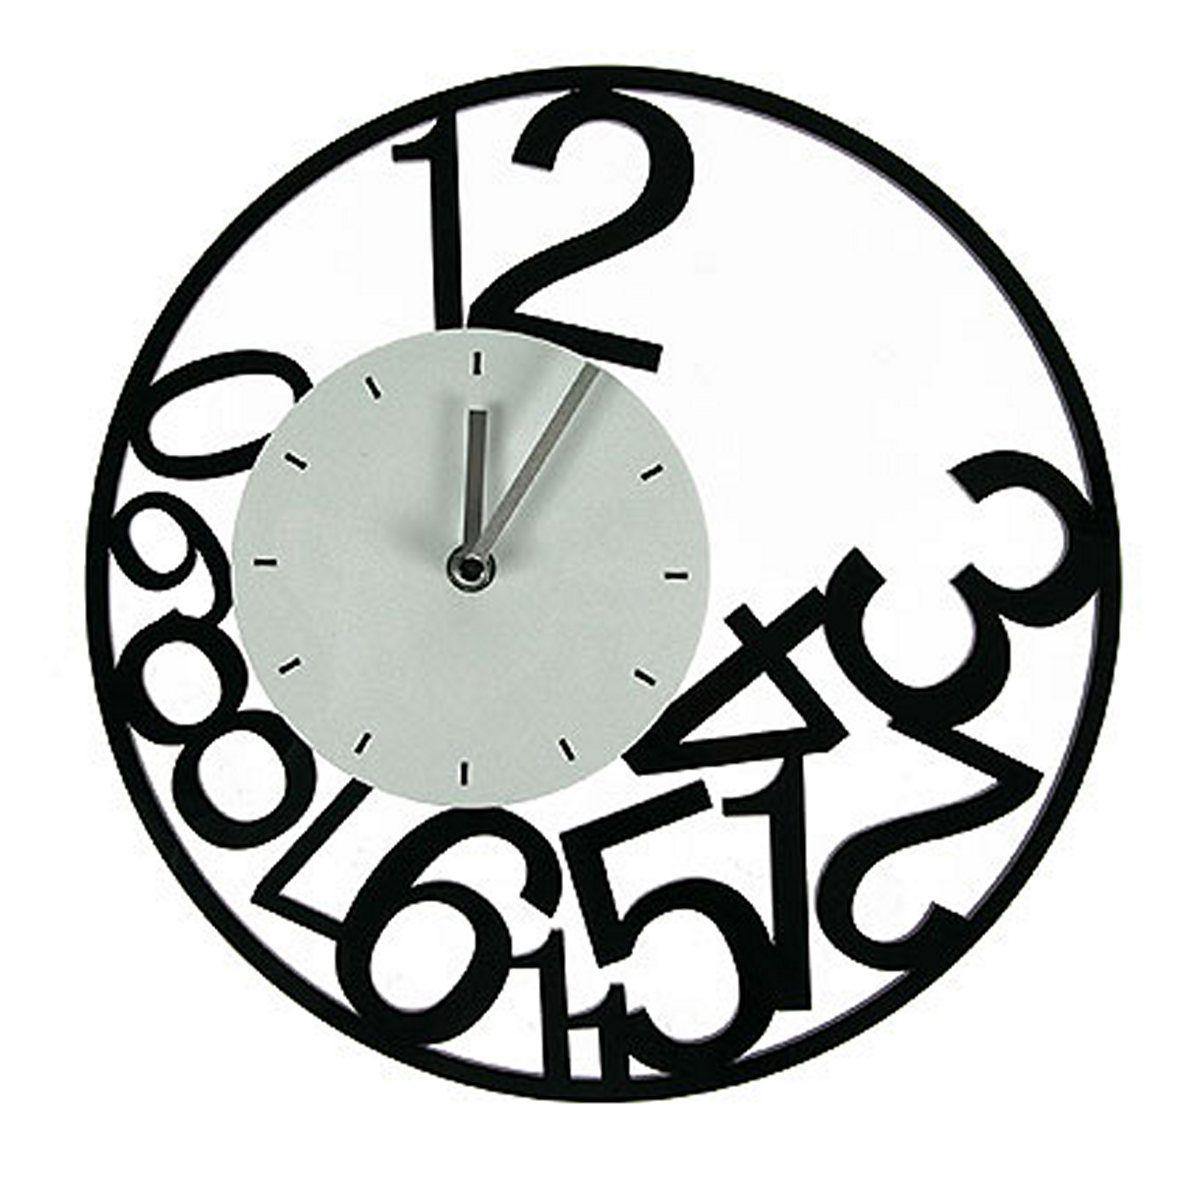 Часы настенные Русские Подарки, диаметр 30 см. 122420122420Настенные кварцевые часы Русские Подарки изготовлены из полиамида. Корпус оформлен изображением цифр, расположенных в хаотичном порядке. Часы имеют две стрелки - часовую и минутную. С обратной стороны имеется петелька для подвешивания на стену.Изящные часы красиво и оригинально оформят интерьер дома или офиса. Также часы могут стать уникальным, полезным подарком для родственников, коллег, знакомых и близких.Часы работают от батареек типа АА (в комплект не входят).